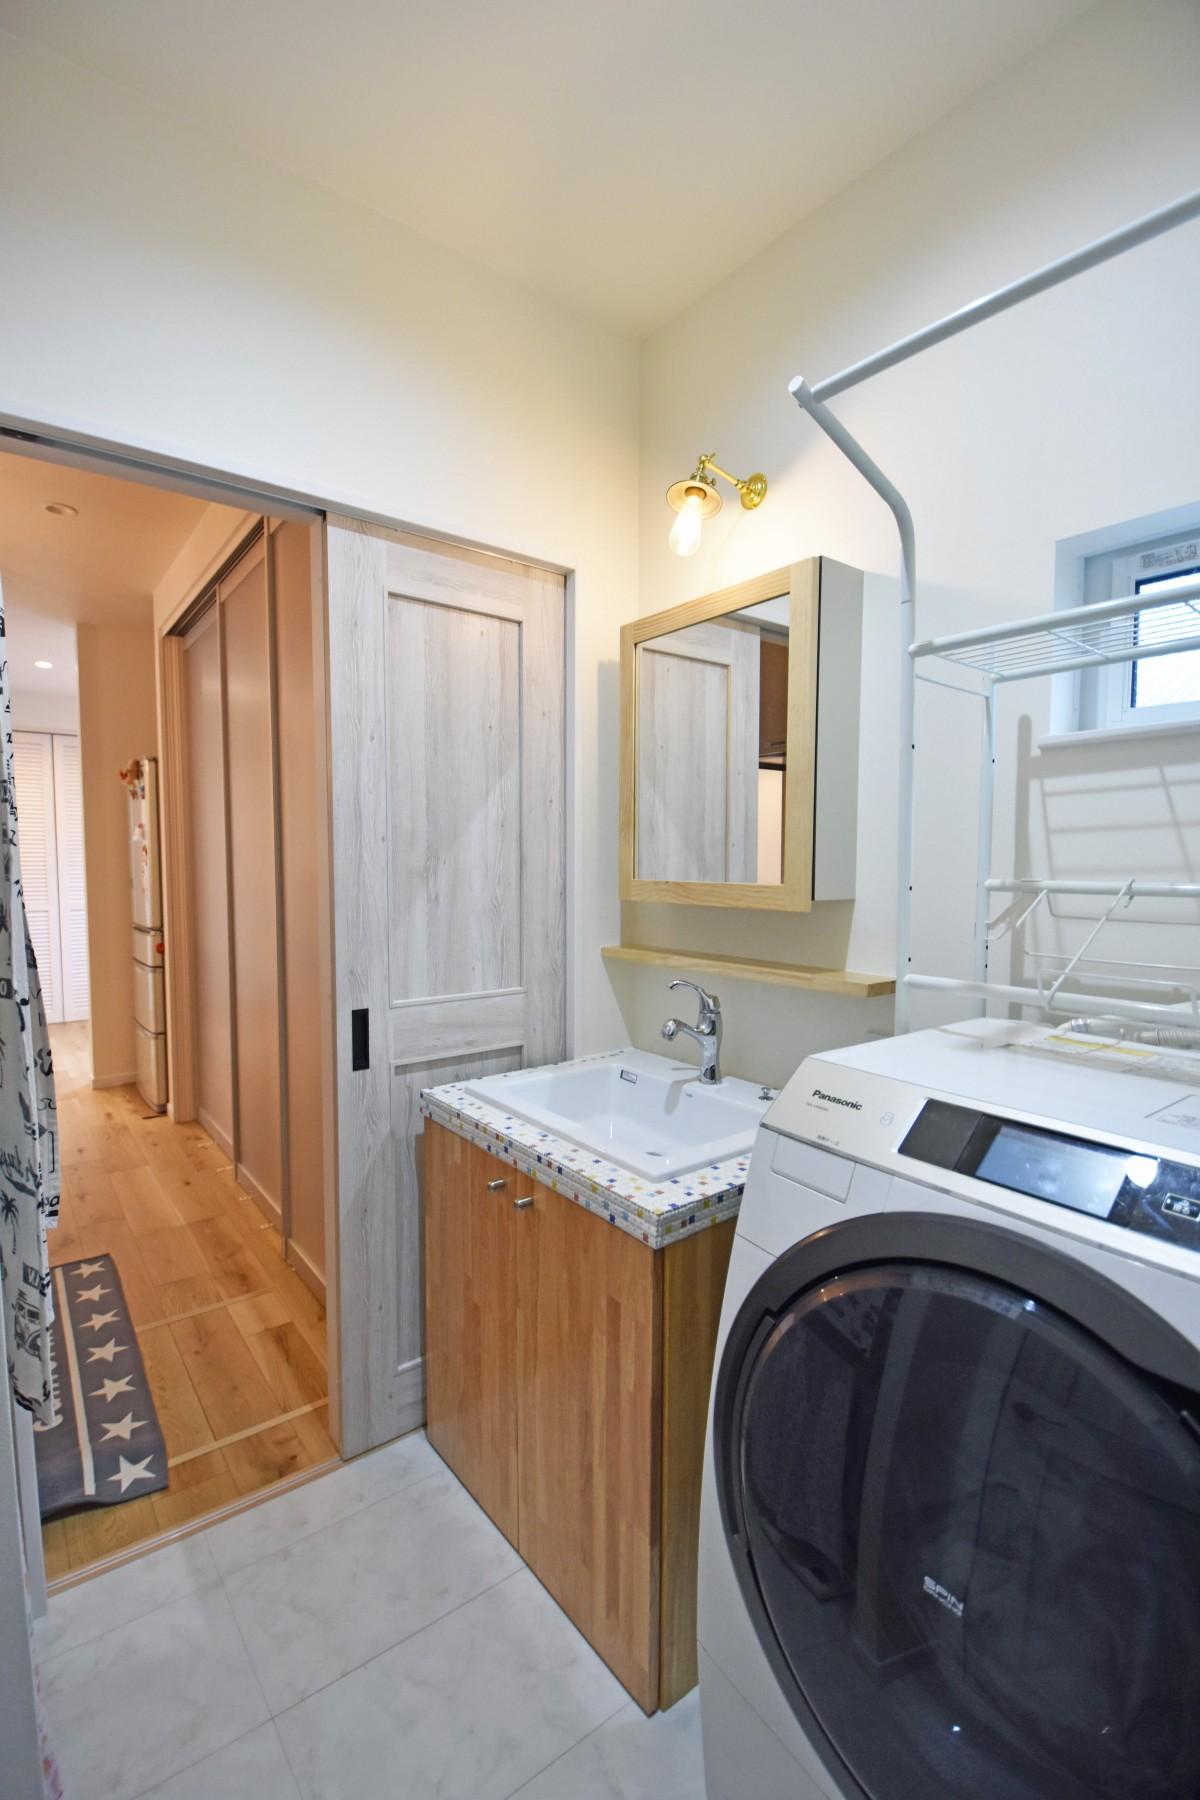 キッチンから直接アクセスできる洗面室は家事がスムーズにできてラクチン。